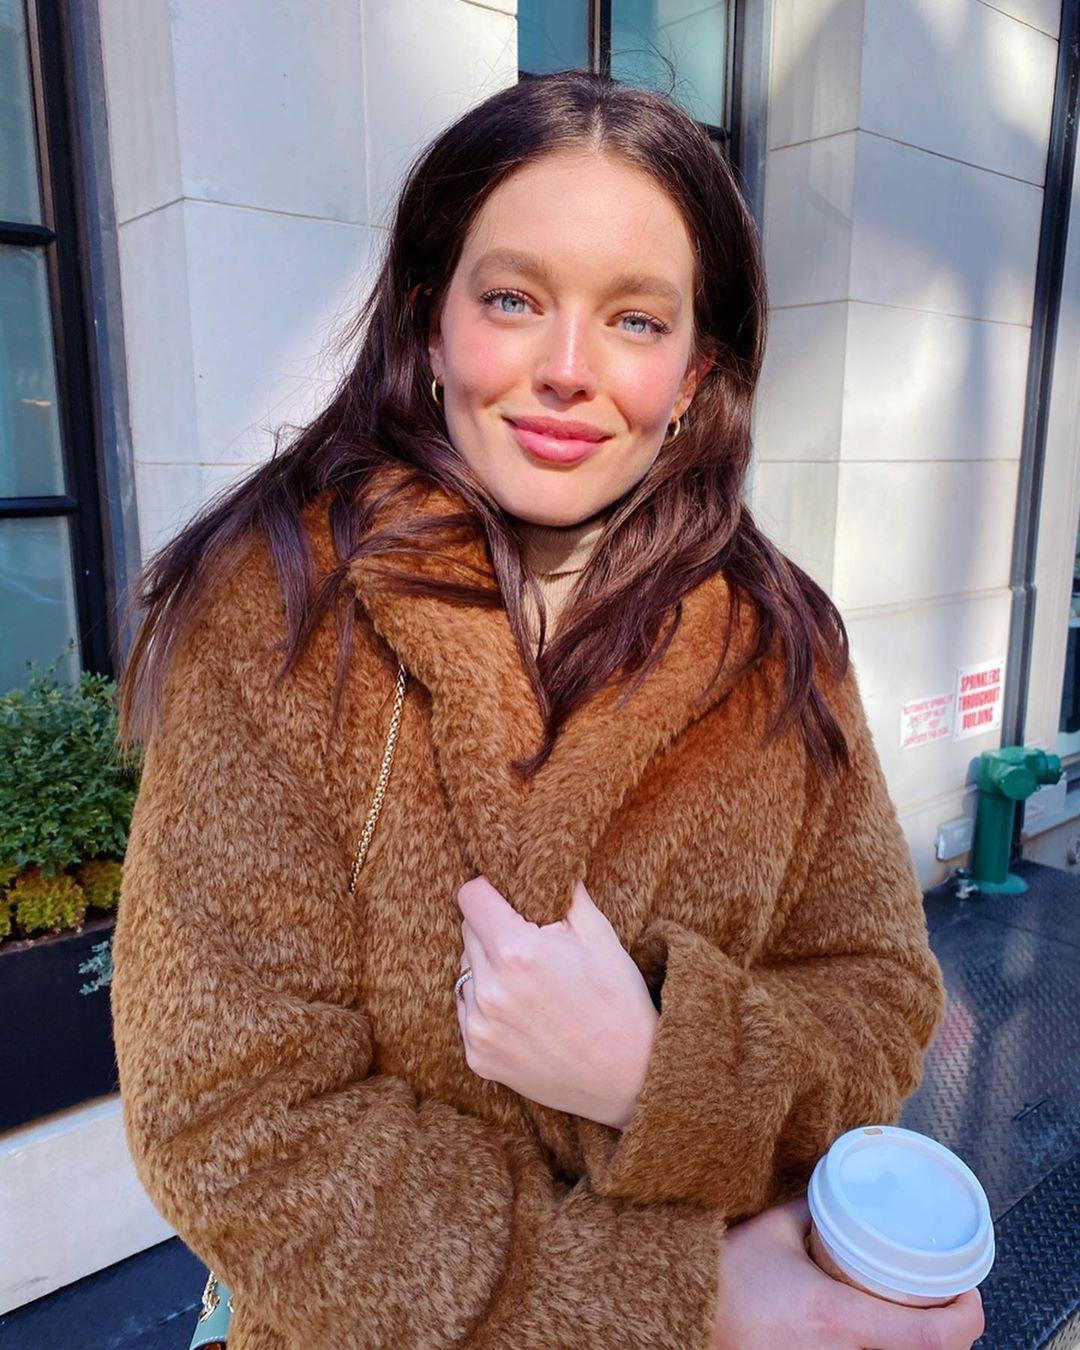 Emily DiDonato fur clothing, fur dress for girls, Beautiful Girl Cute Face